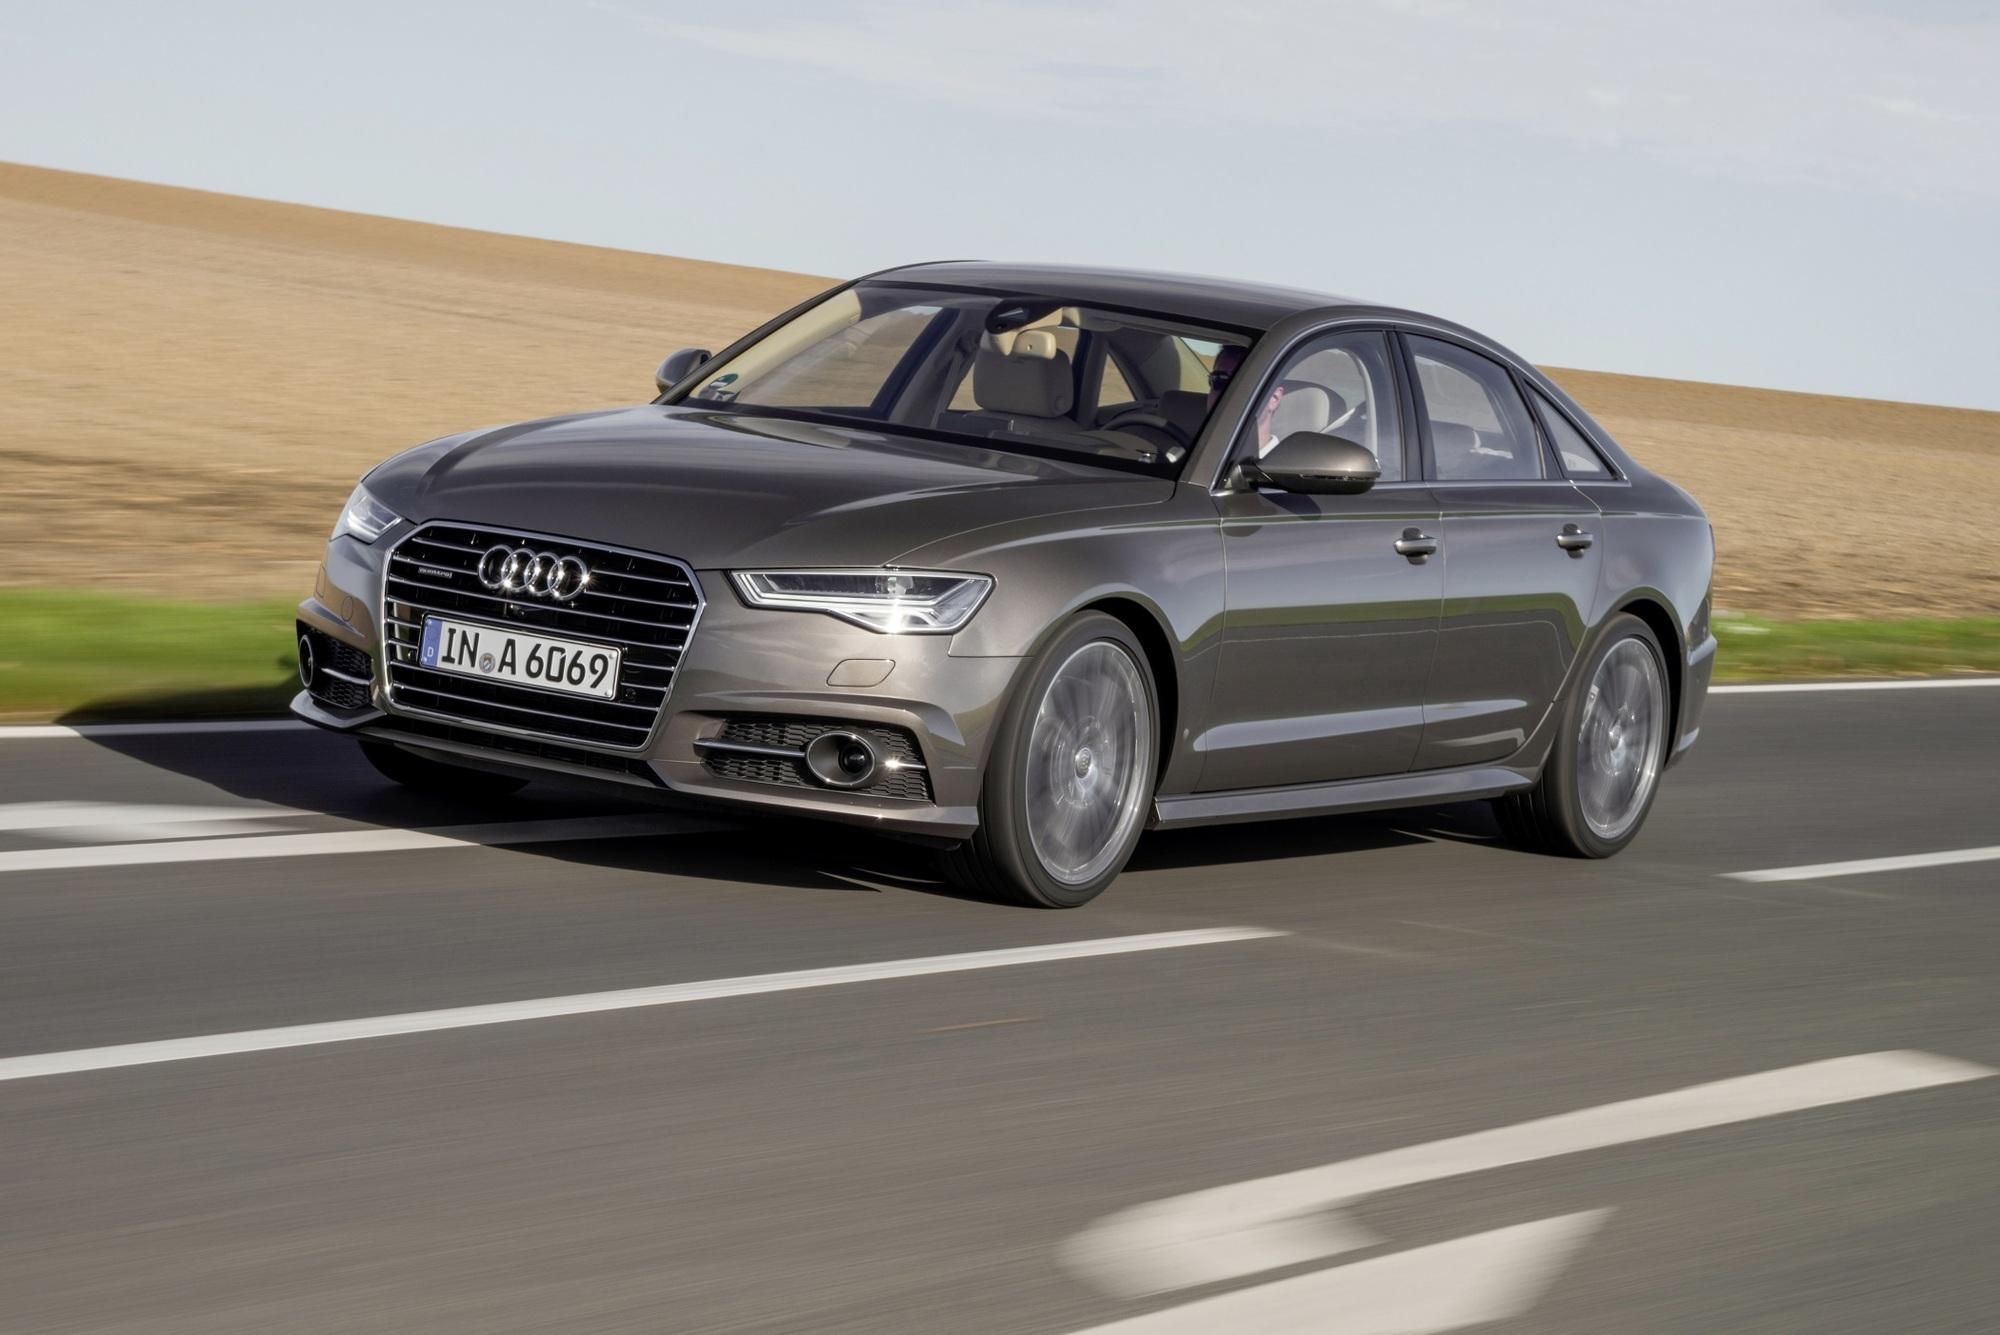 Test: Audi A6 2.0 TDI Ultra - Die andere Seite des Nerzes